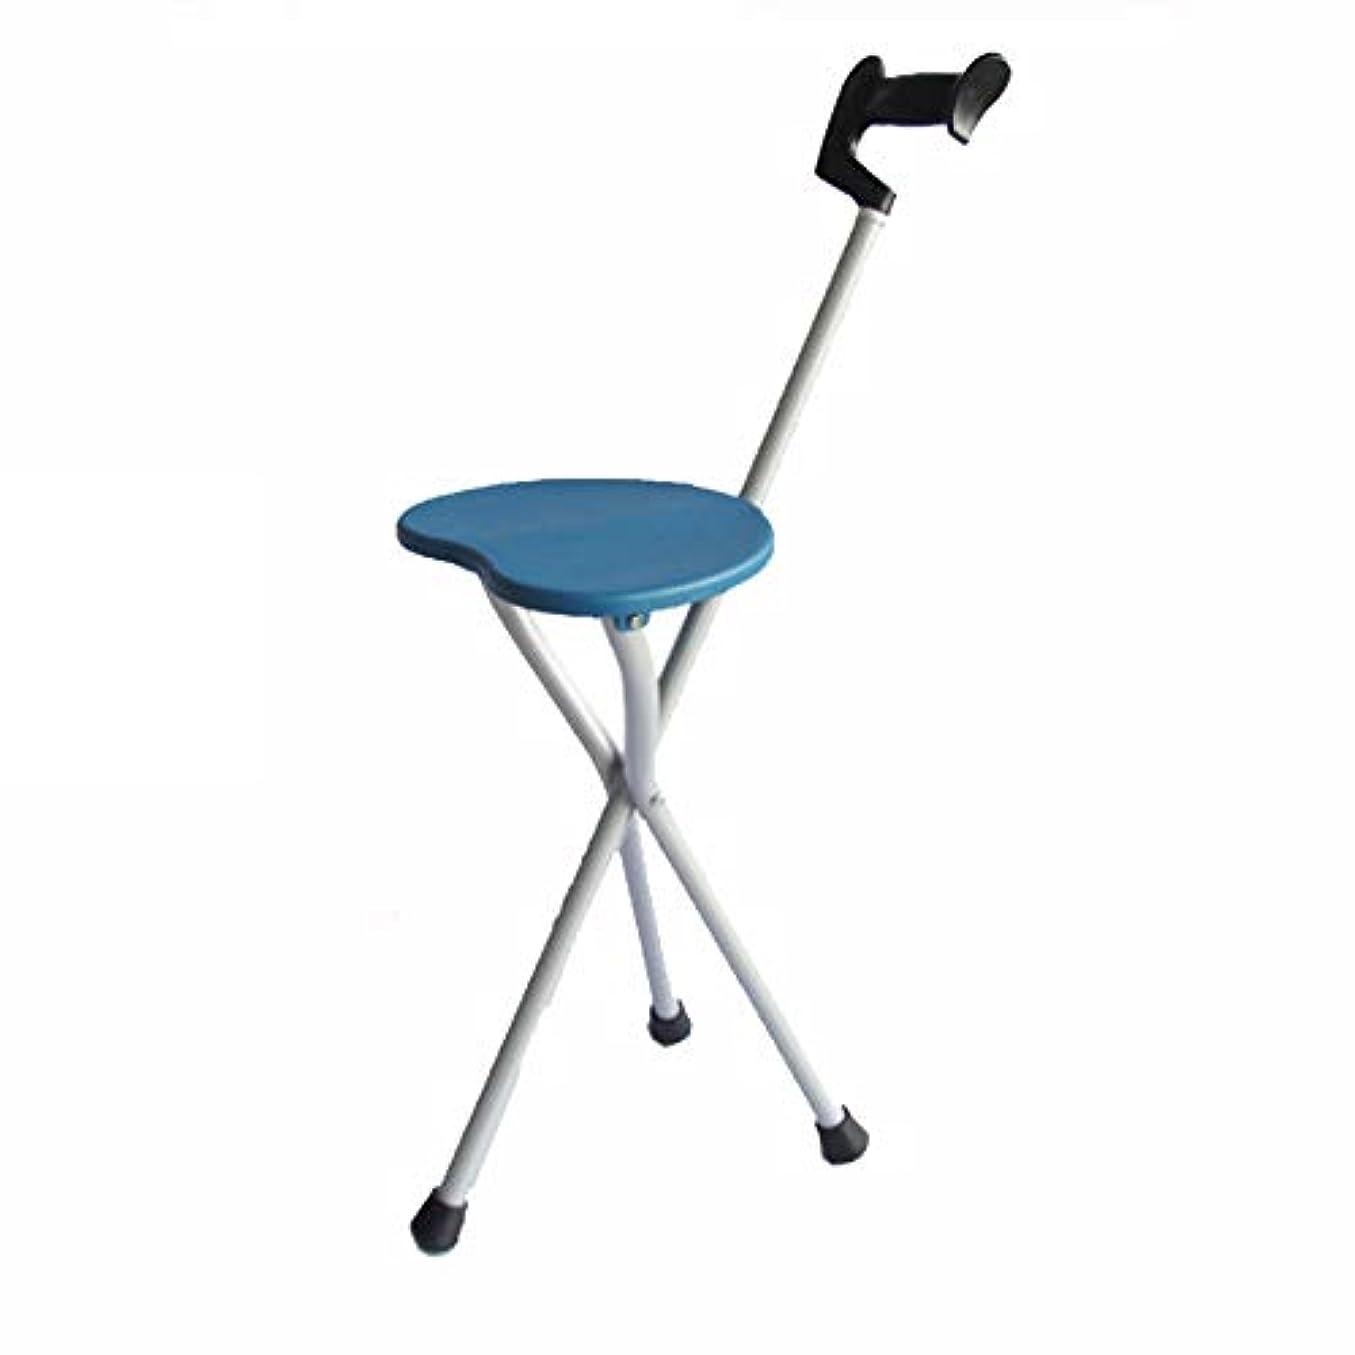 家庭教師最初はありふれたFISHD折りたたみ式軽量杖シート3本足松葉杖椅子アルミ合金チューブ弓型ハンドル三角形サポートデザイン幅広い適用性、固体耐久性,B